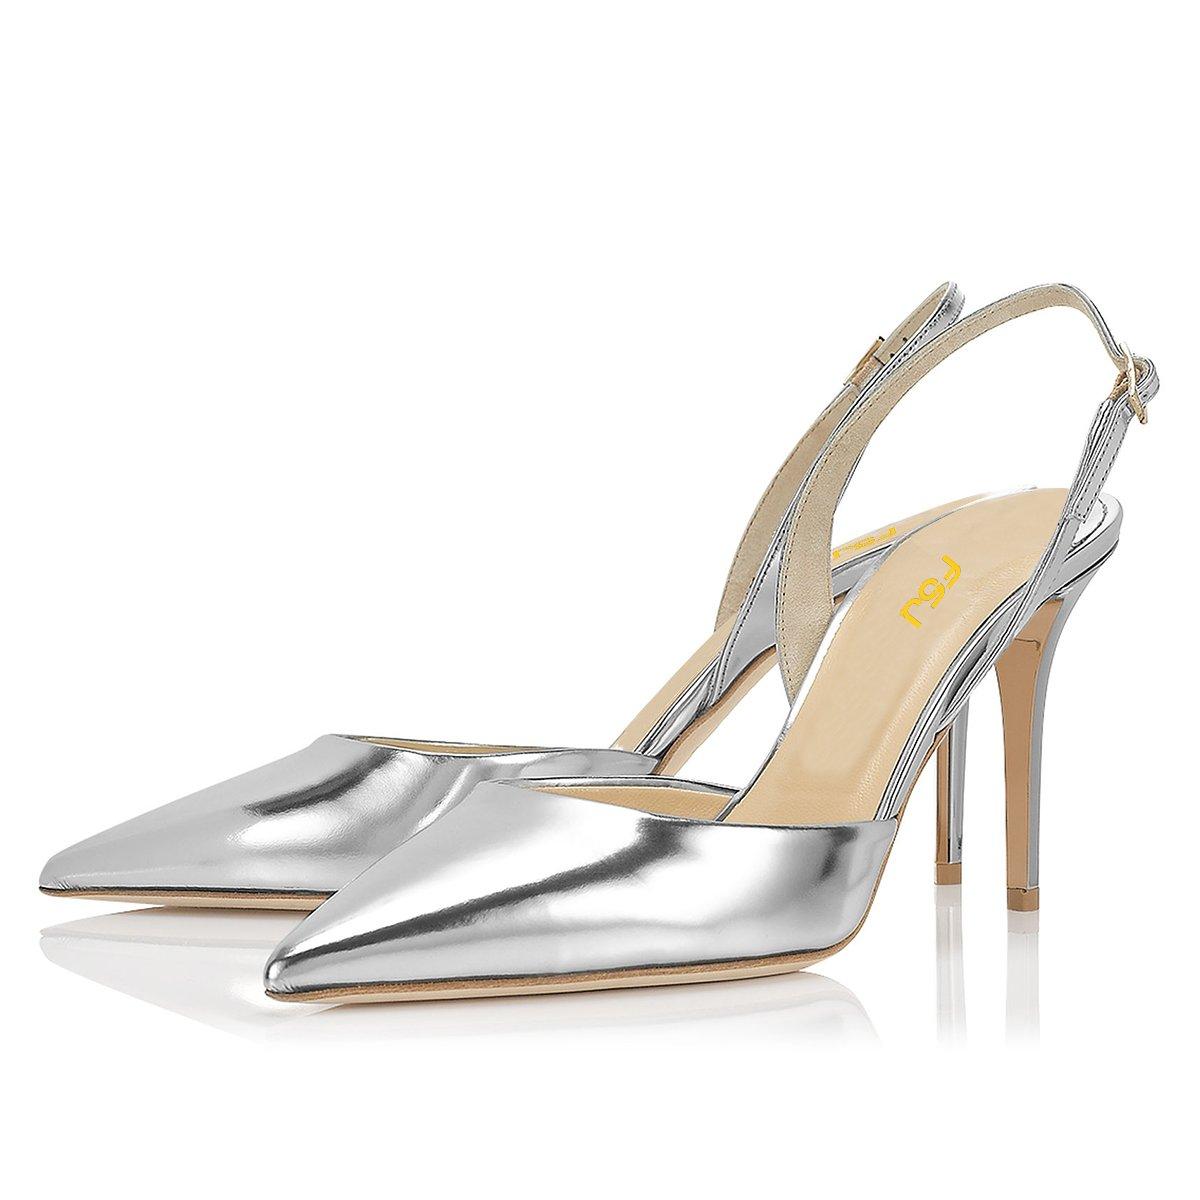 FSJ Women Pointed Toe Pumps Slingback Stilettos Heels Sandals Ankle Strap Shoes Size 7 Silver by FSJ (Image #1)